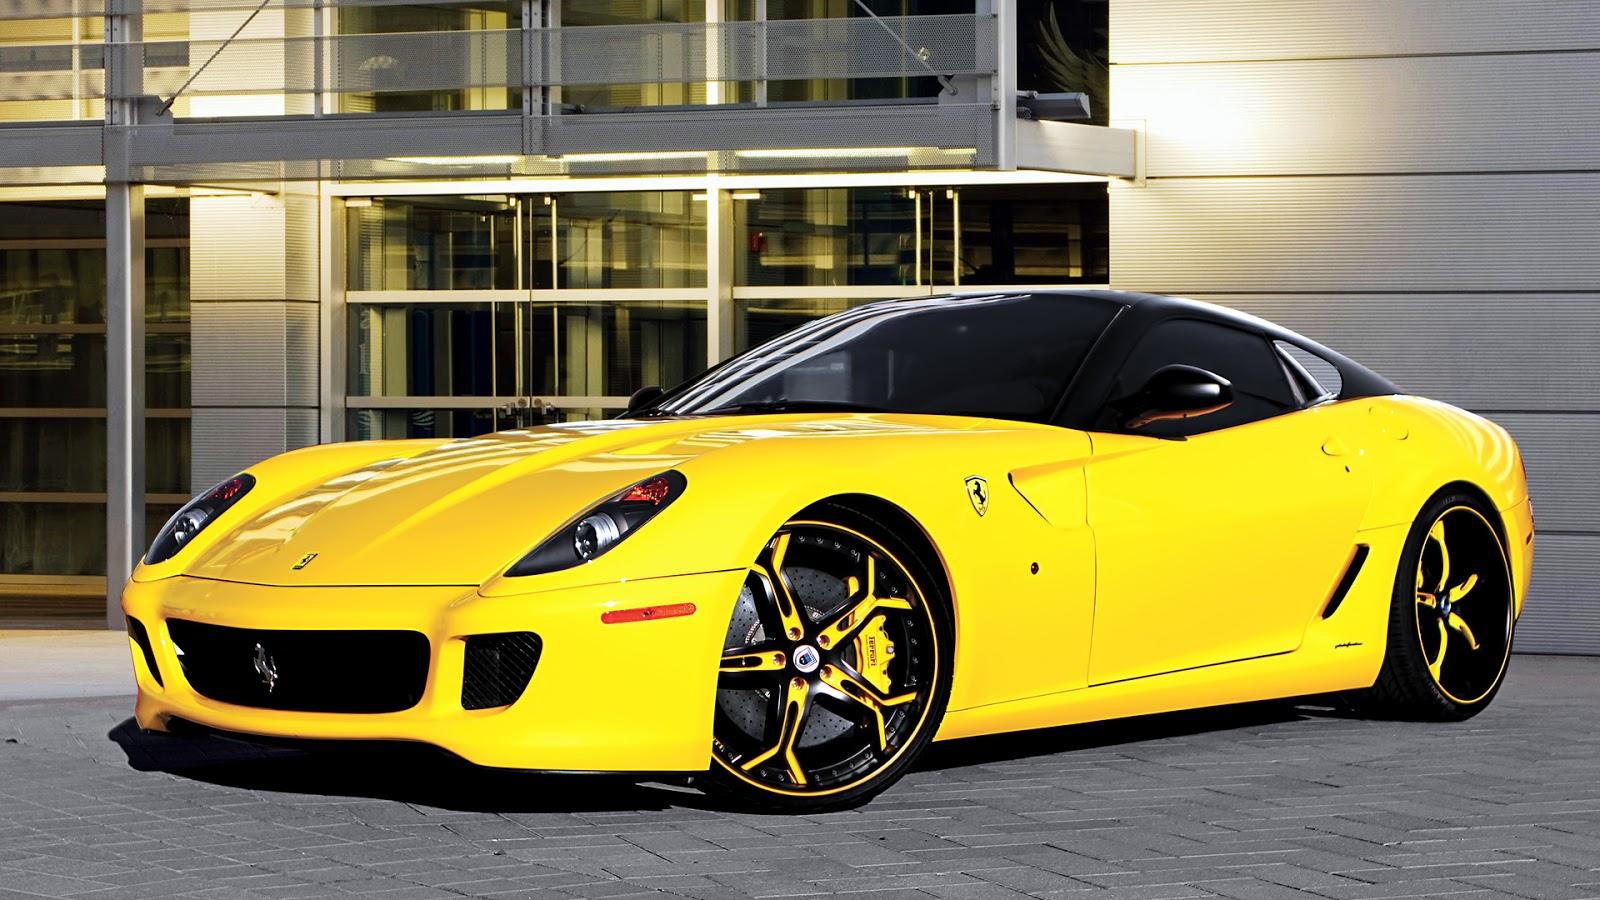 imagenes de carros lujosos deportivos carrera tuning imagenes